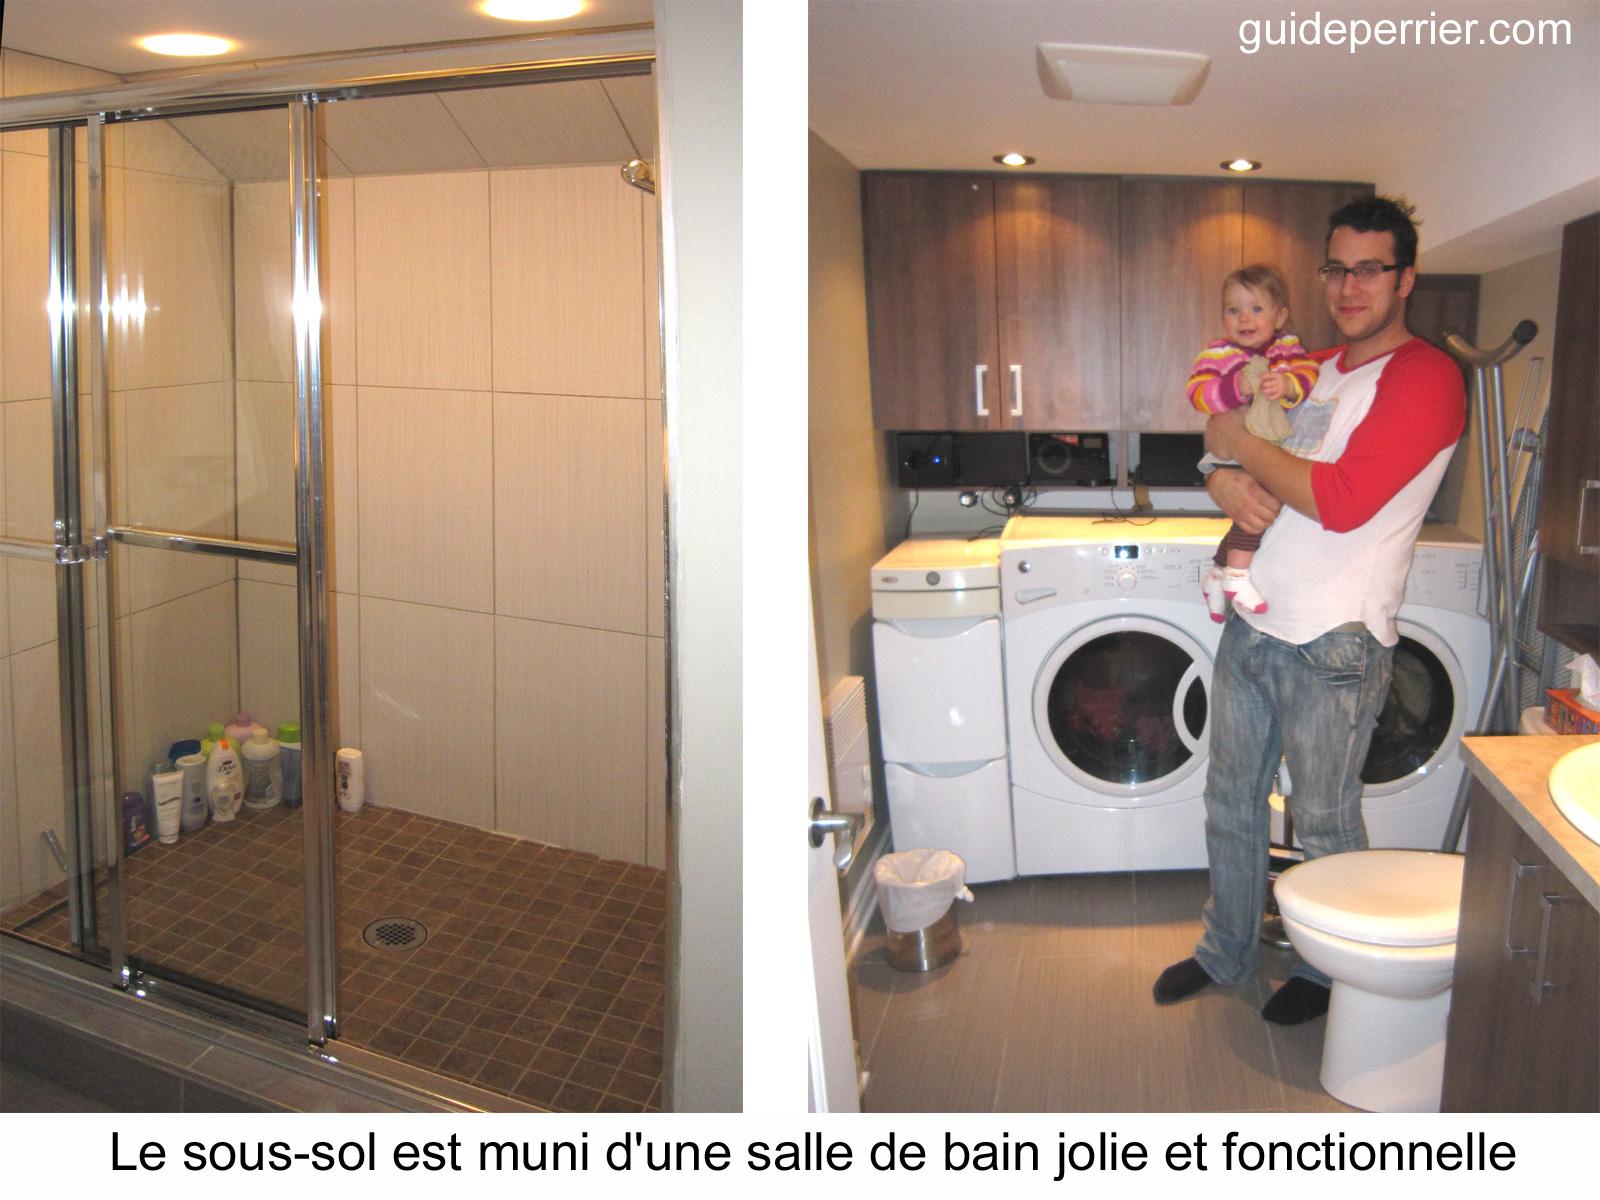 Plomberie Salle De Bain Sous Sol sous-sol rénové : rénovation réussie à montréal